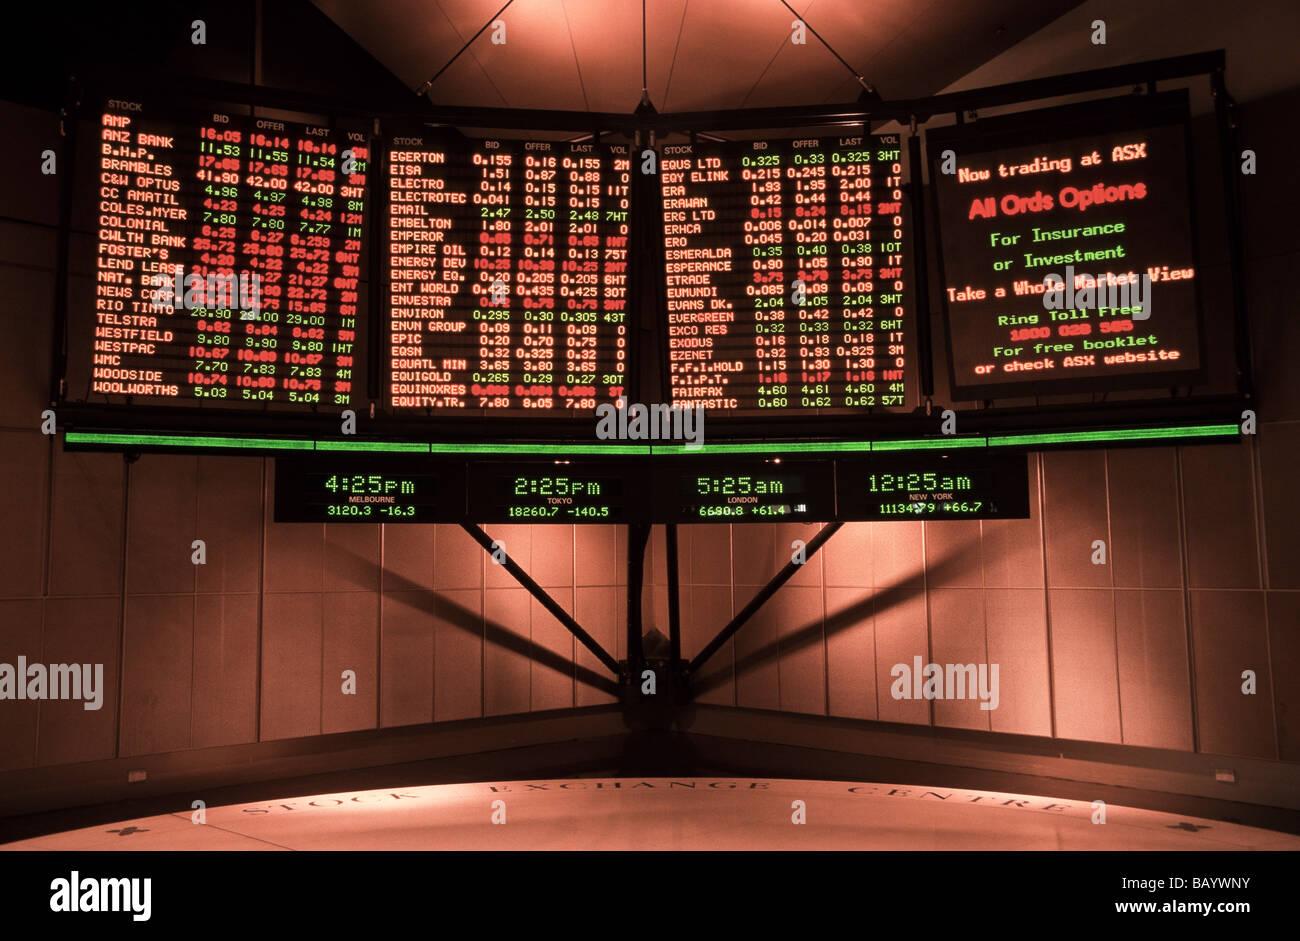 Stock market prices, Australia - Stock Image